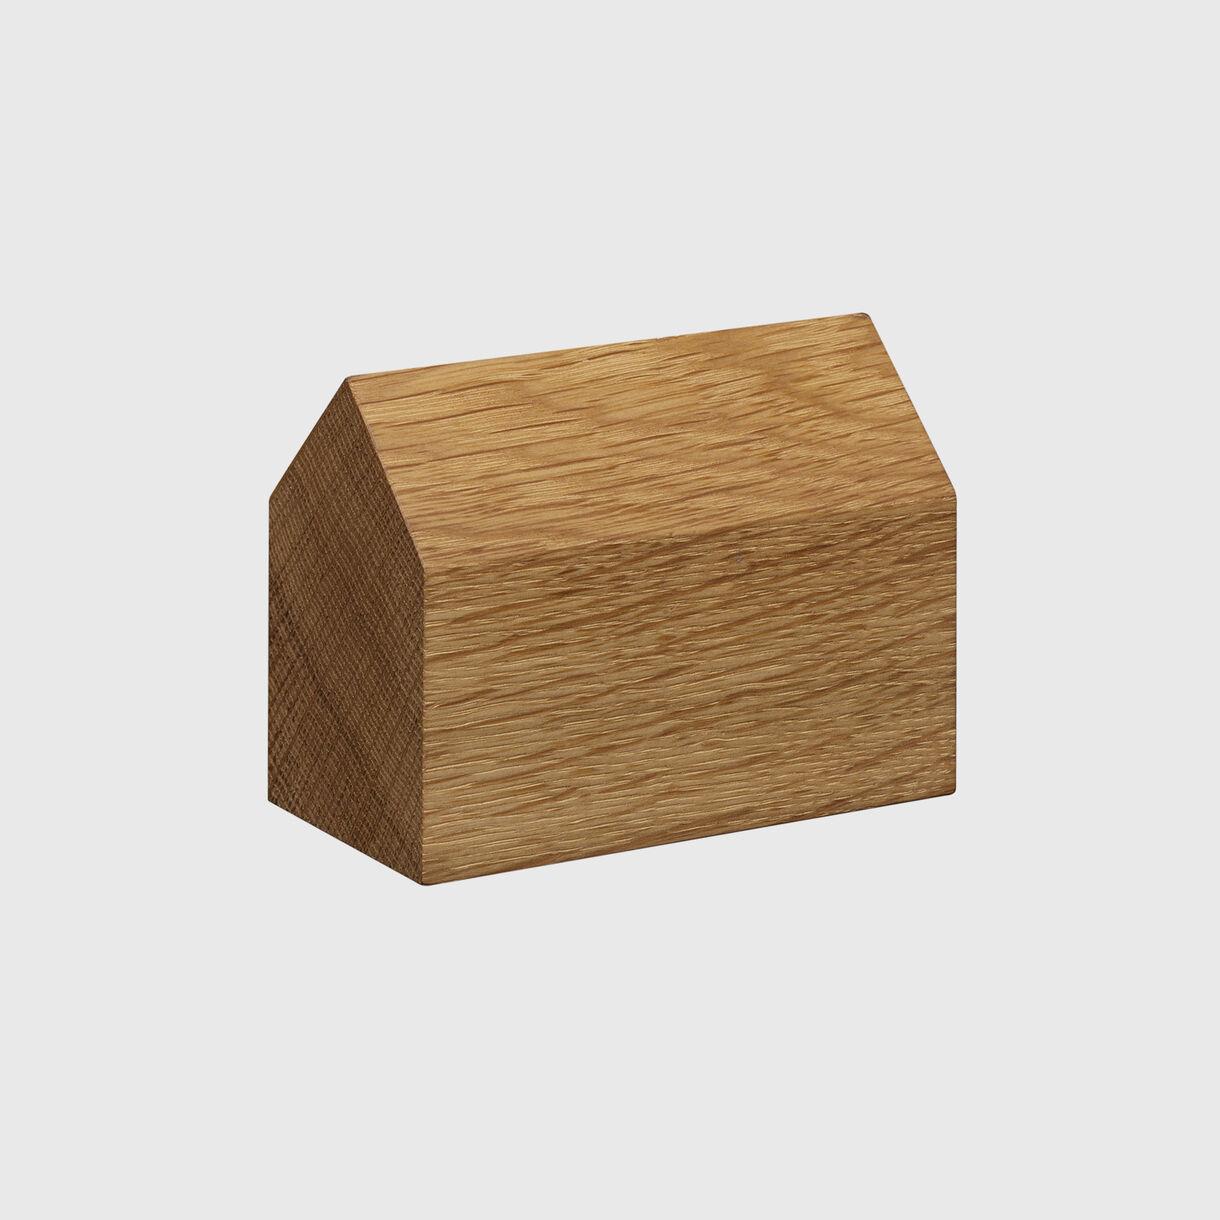 Haus Paper Weight, Saddle Large, European Oak